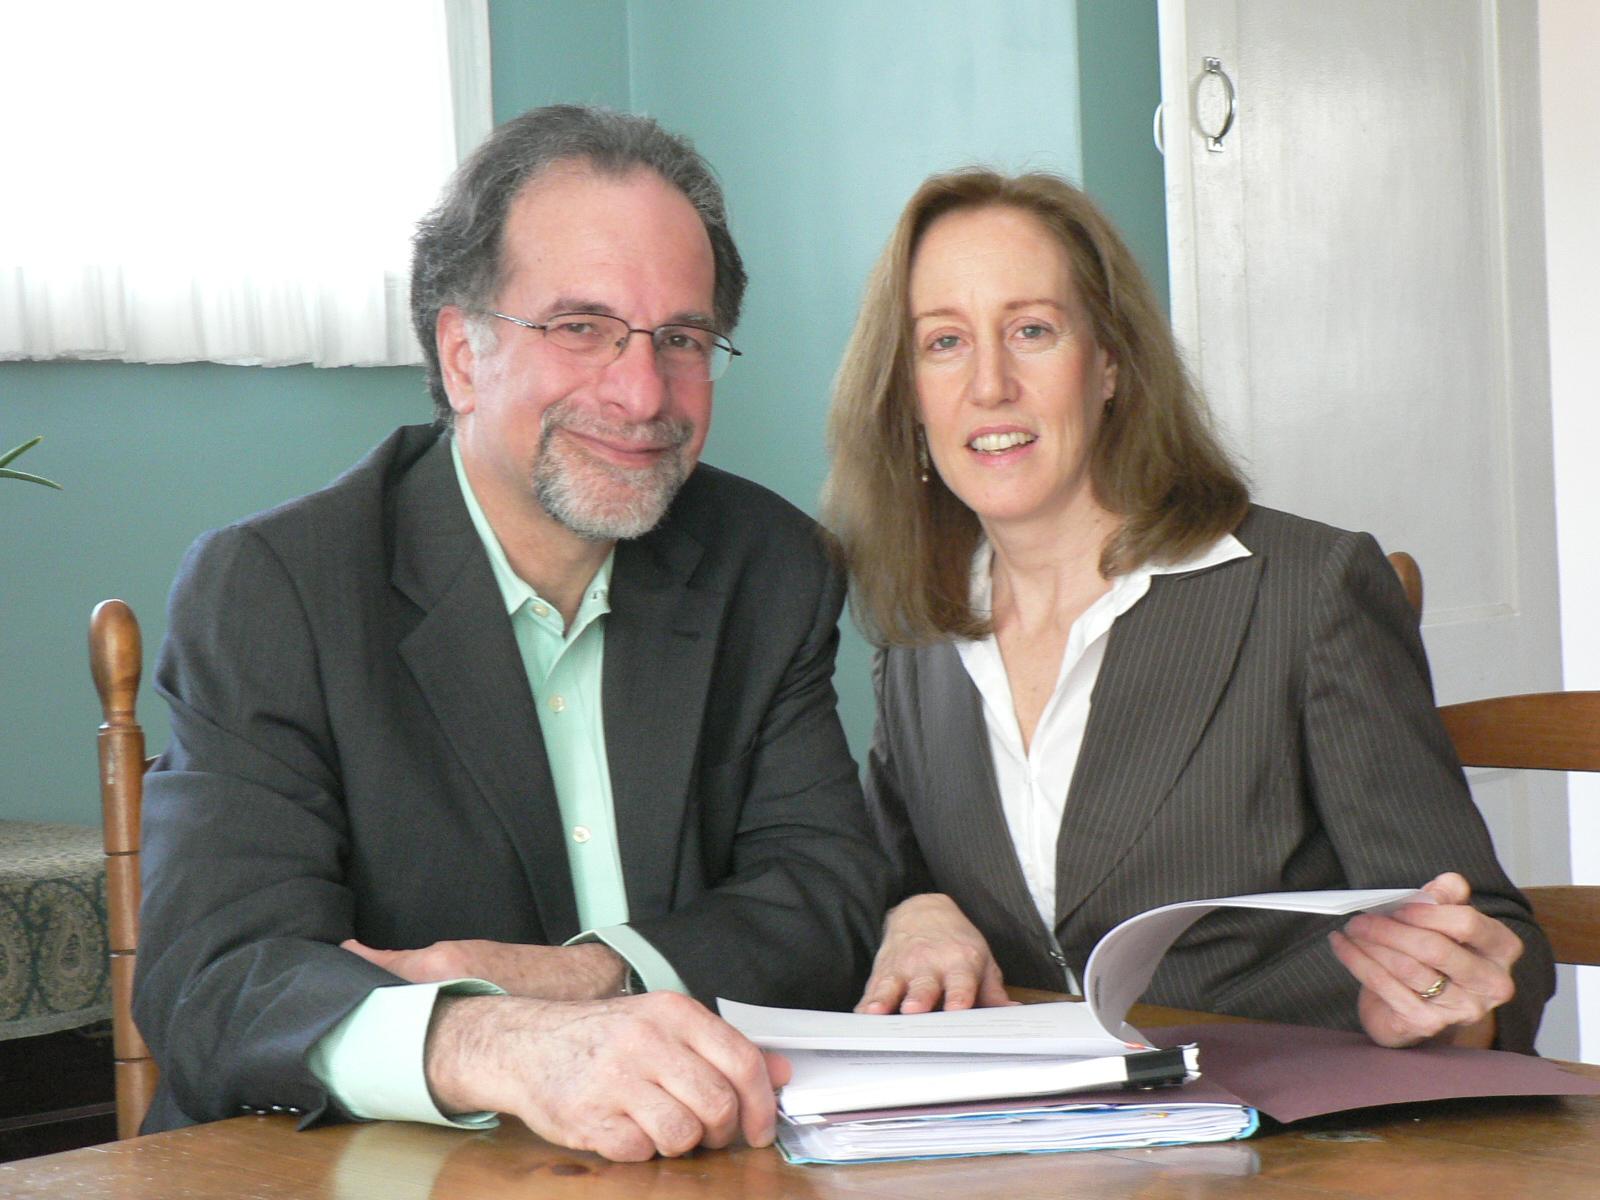 Drs. Ariel & Naseef.jpg